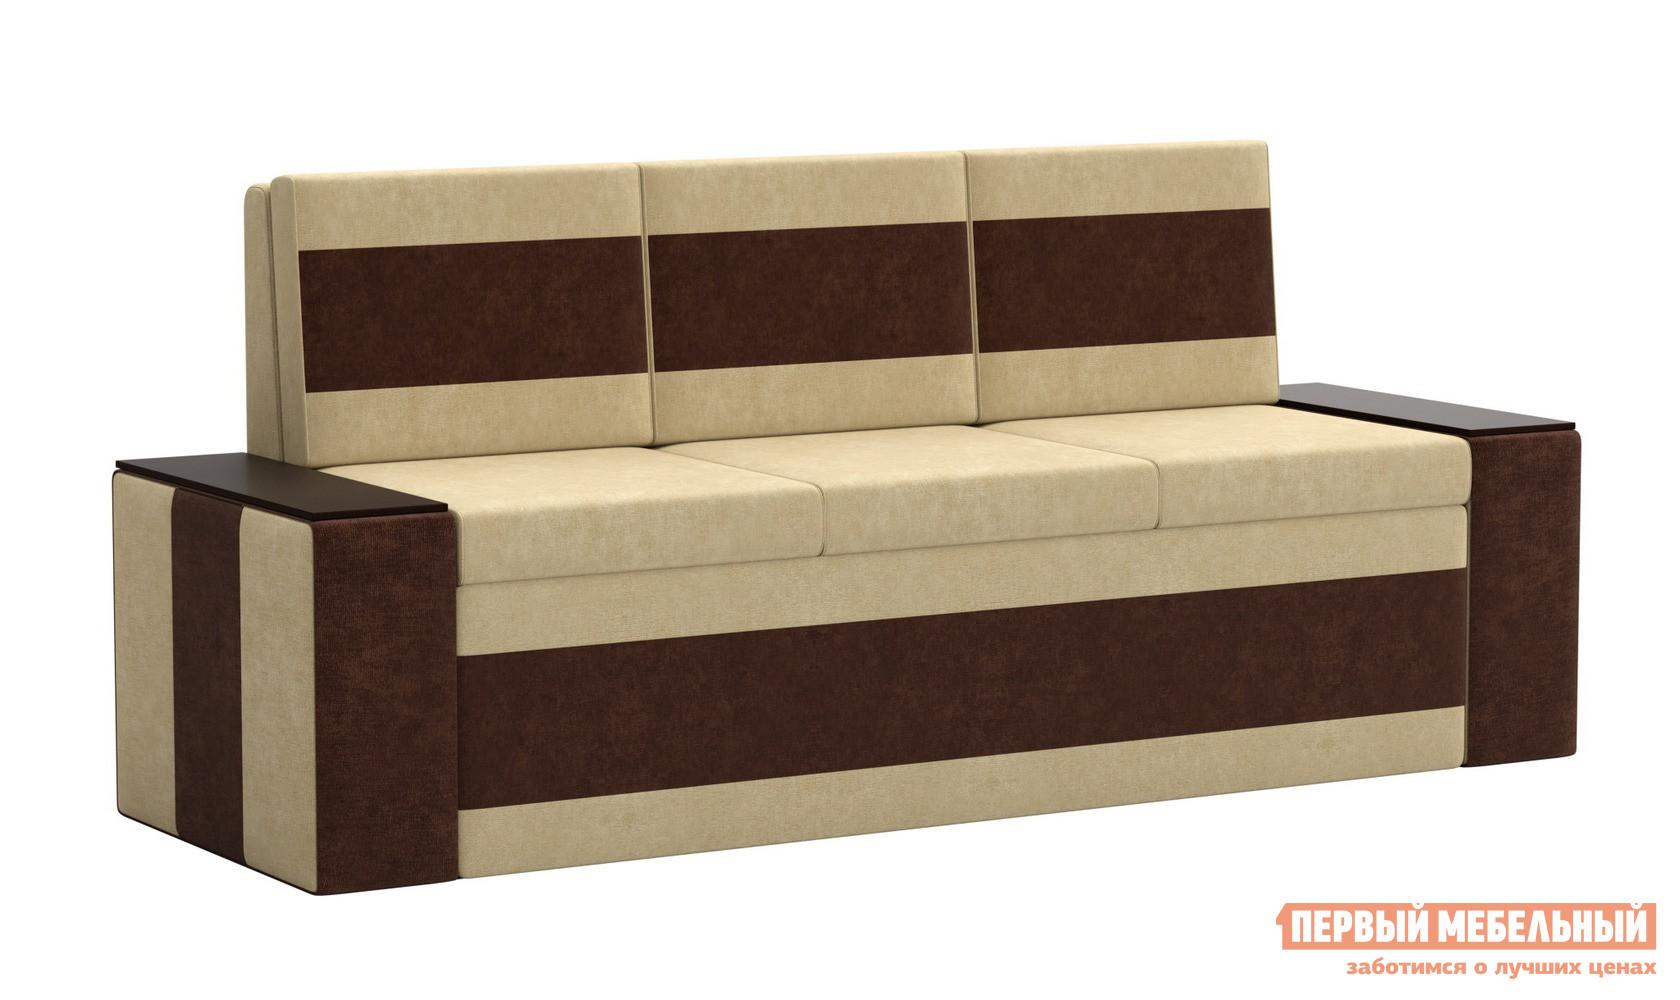 Прямой узкий диван-кровать на кухню со спальным местом Мебелико Кухонный диван Лина Микровельвет